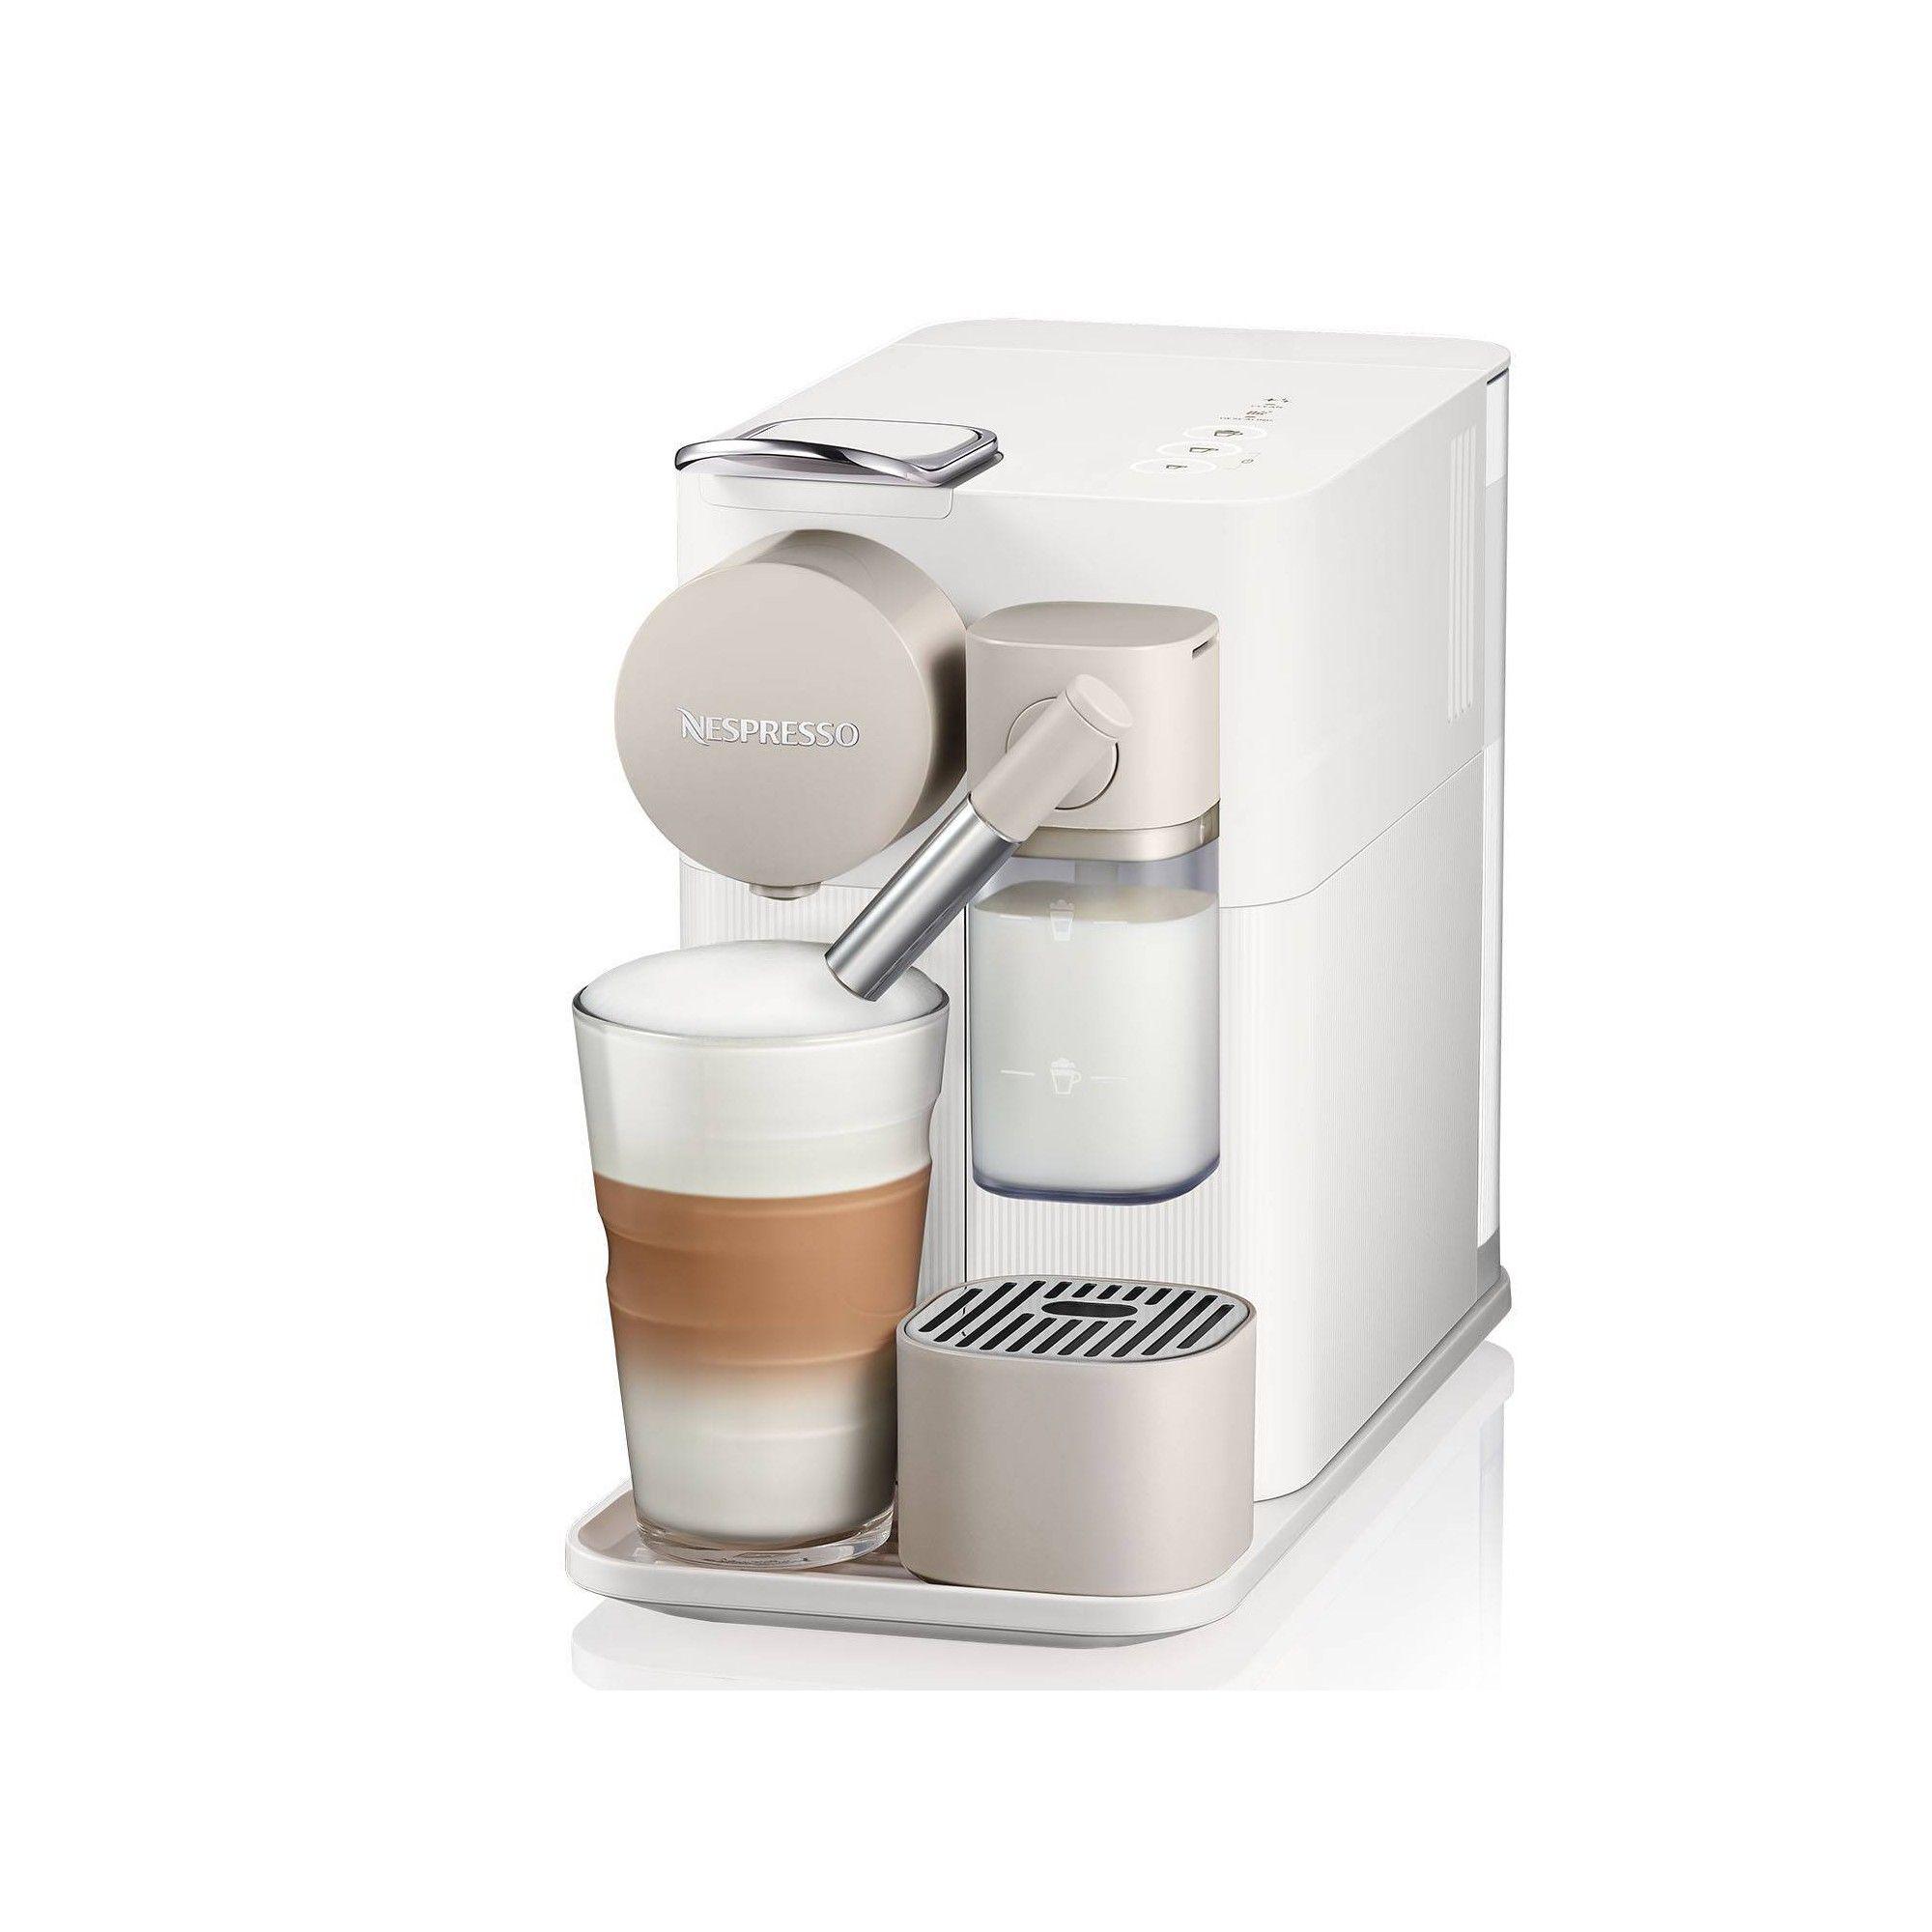 DeLonghi Nespresso Pixie Coffee Maker and Espresso Machine